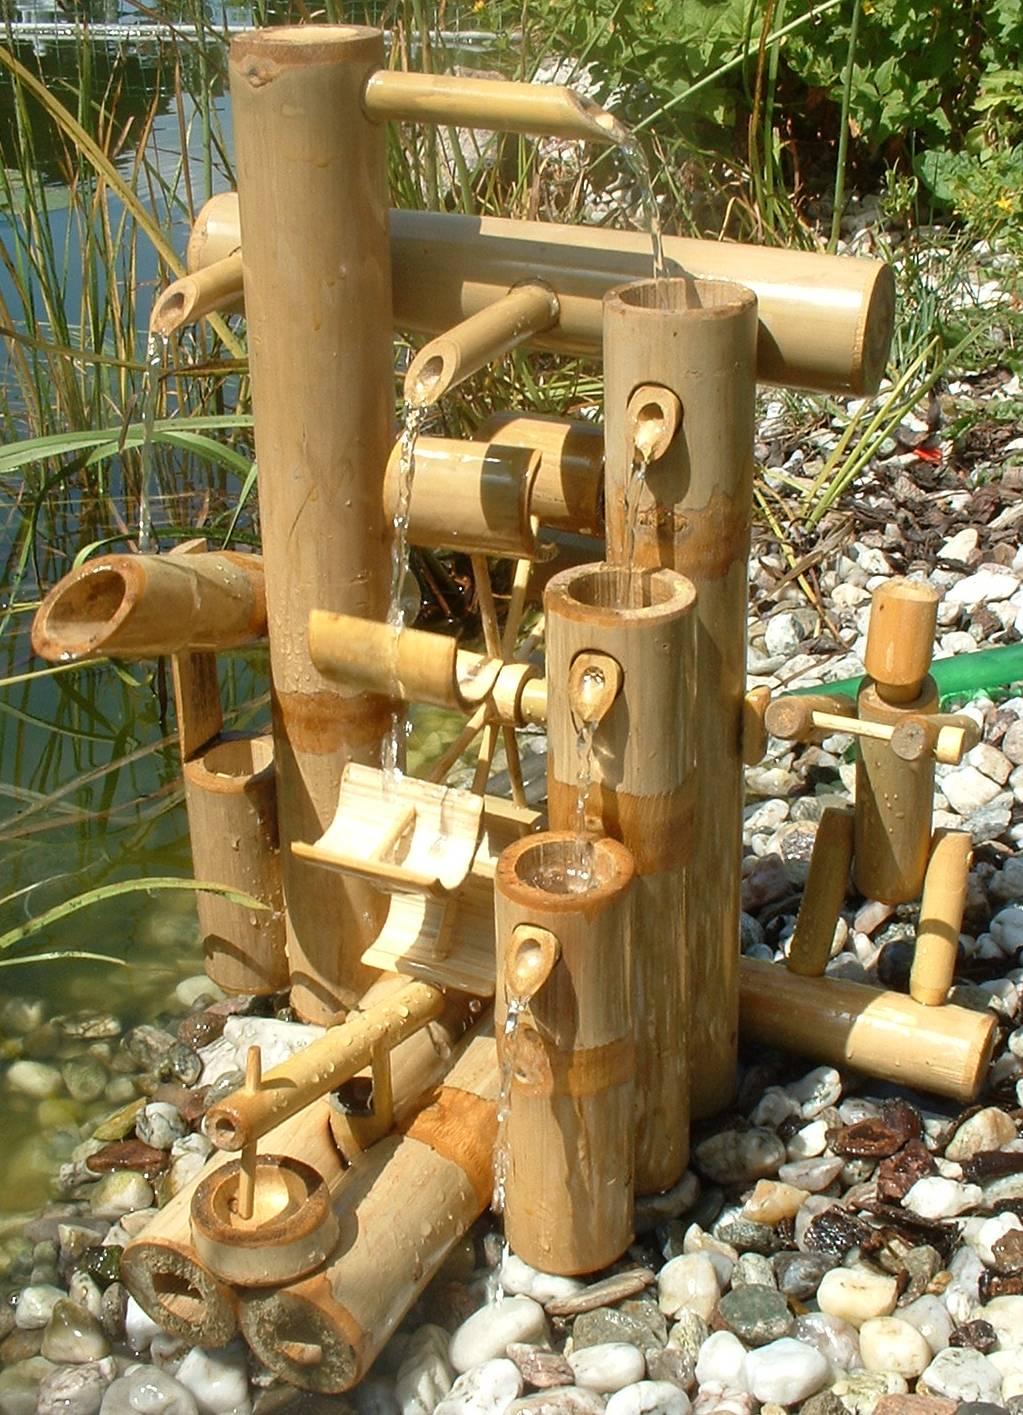 Fontaine bambou cascade jeu d 39 eau d coration jardin patio tha lande 12035 ebay - Fontaine en bambou ...